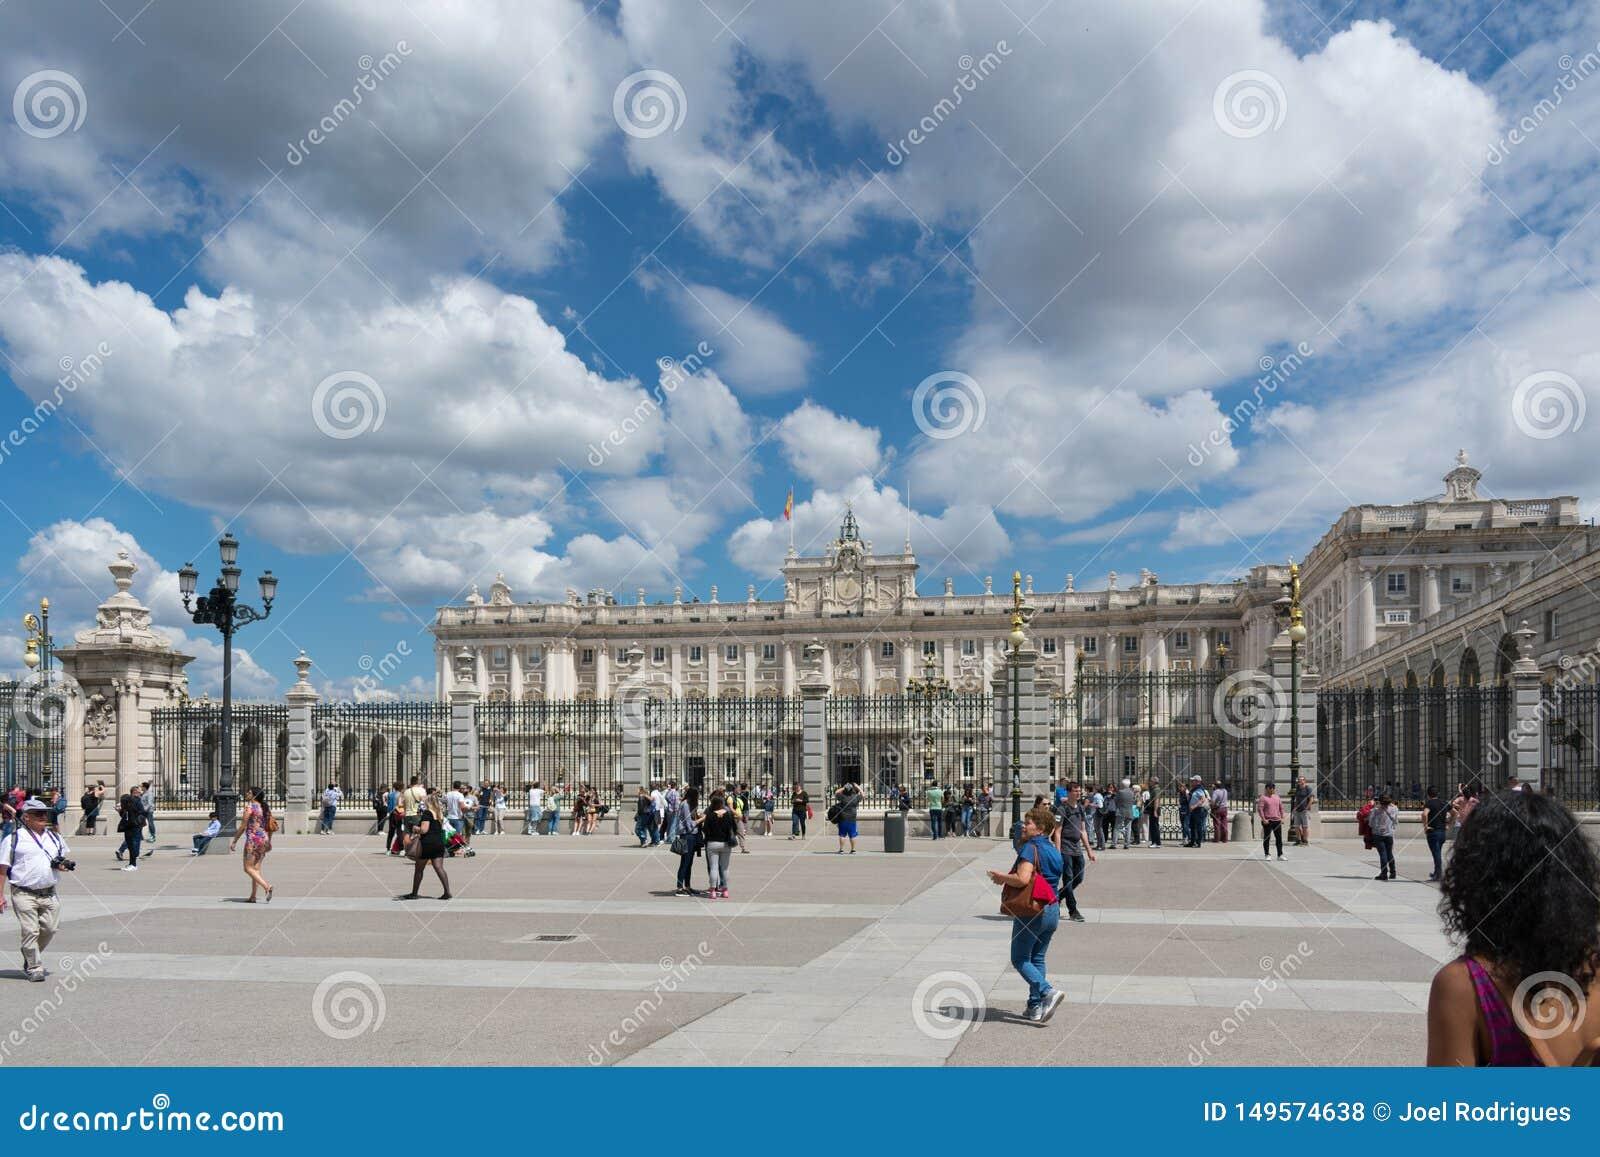 Madrid, Espagne - 11 mai 2018 : Foule devant le palais royal ? Madrid le jour ensoleill?